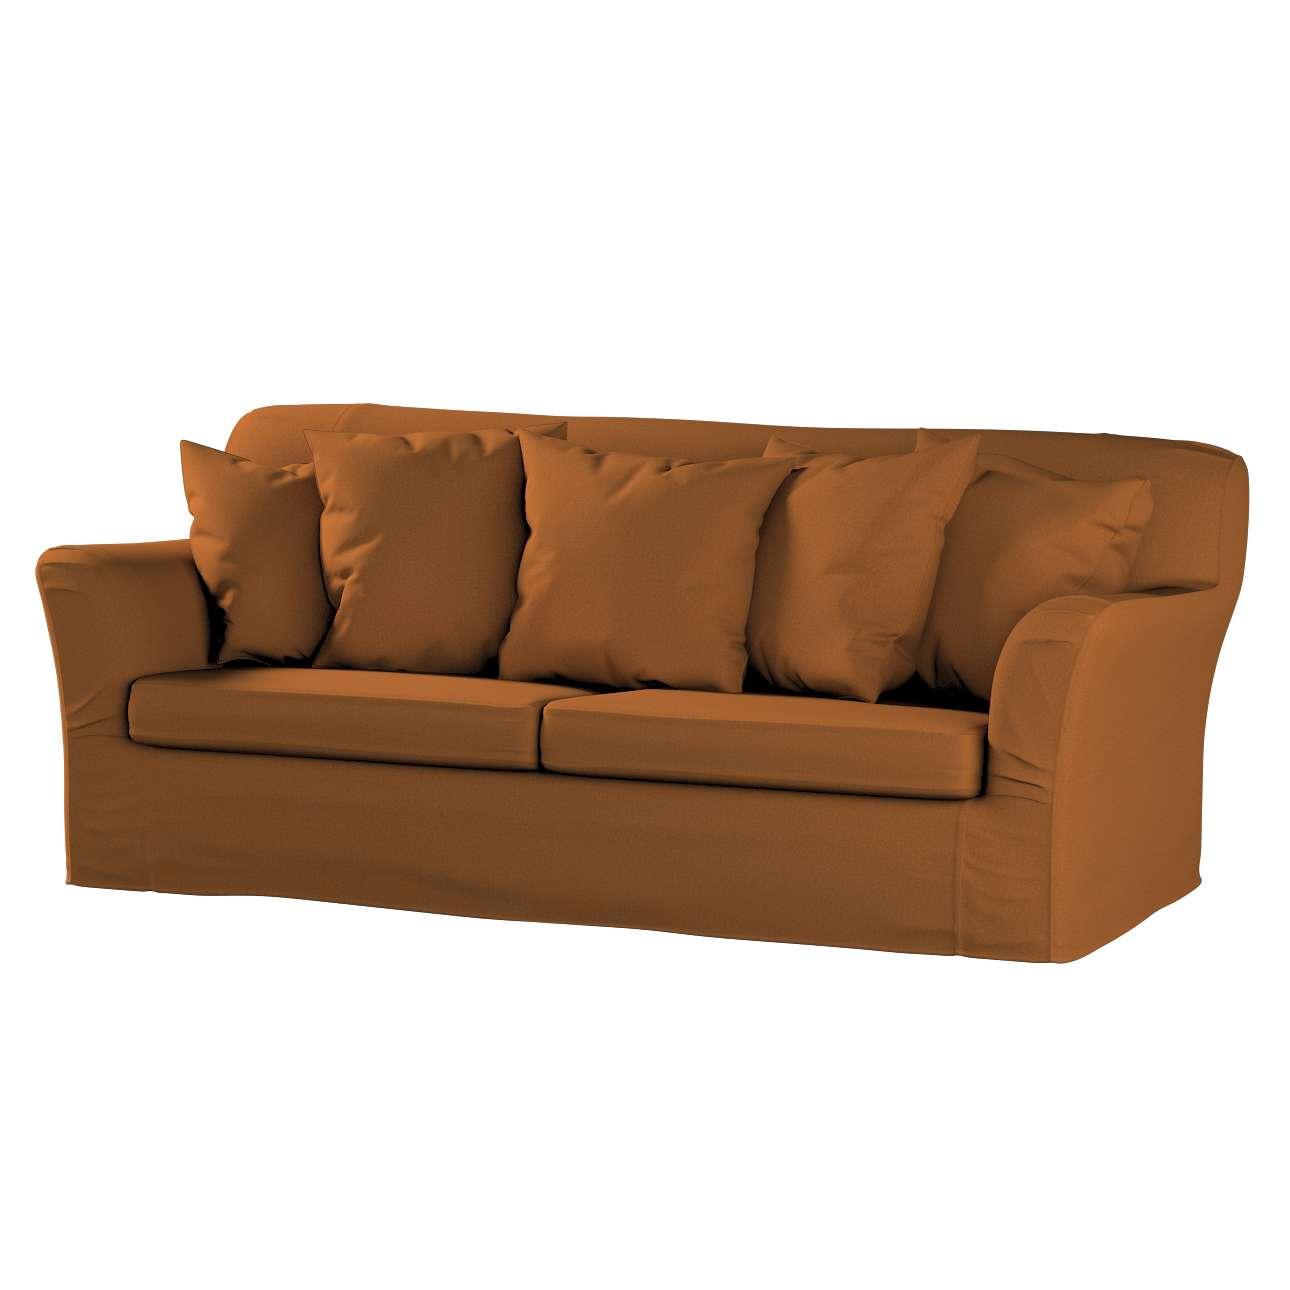 Pokrowiec na sofę Tomelilla 3-osobową rozkładaną w kolekcji Living, tkanina: 161-28